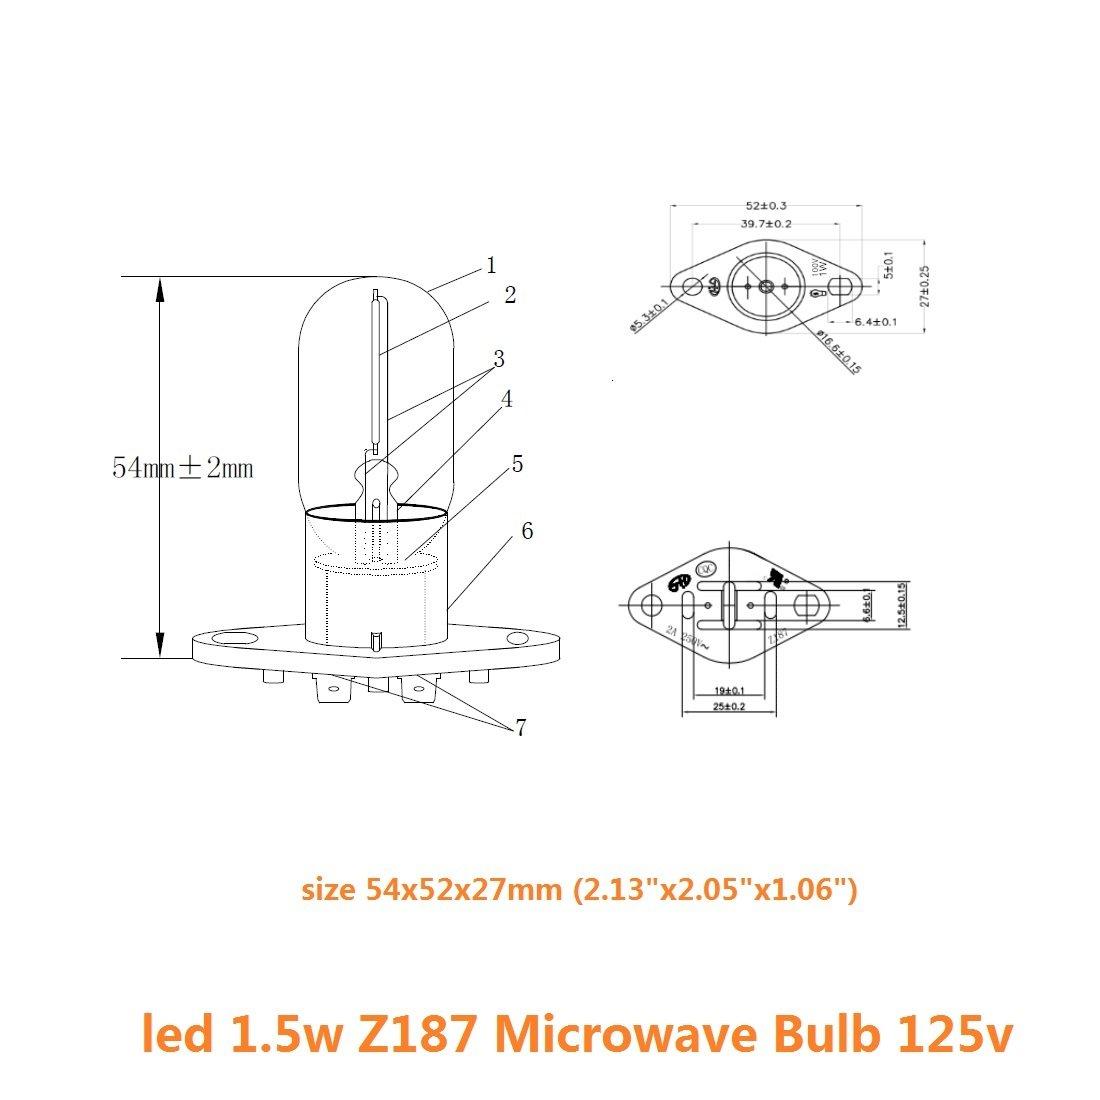 Bombilla LED de filamento de 1.5 W Z187 para microondas, 240 V, 20 W, equivalente a lámparas incandescentes para frigorífico Galanz, microondas, horno, ...